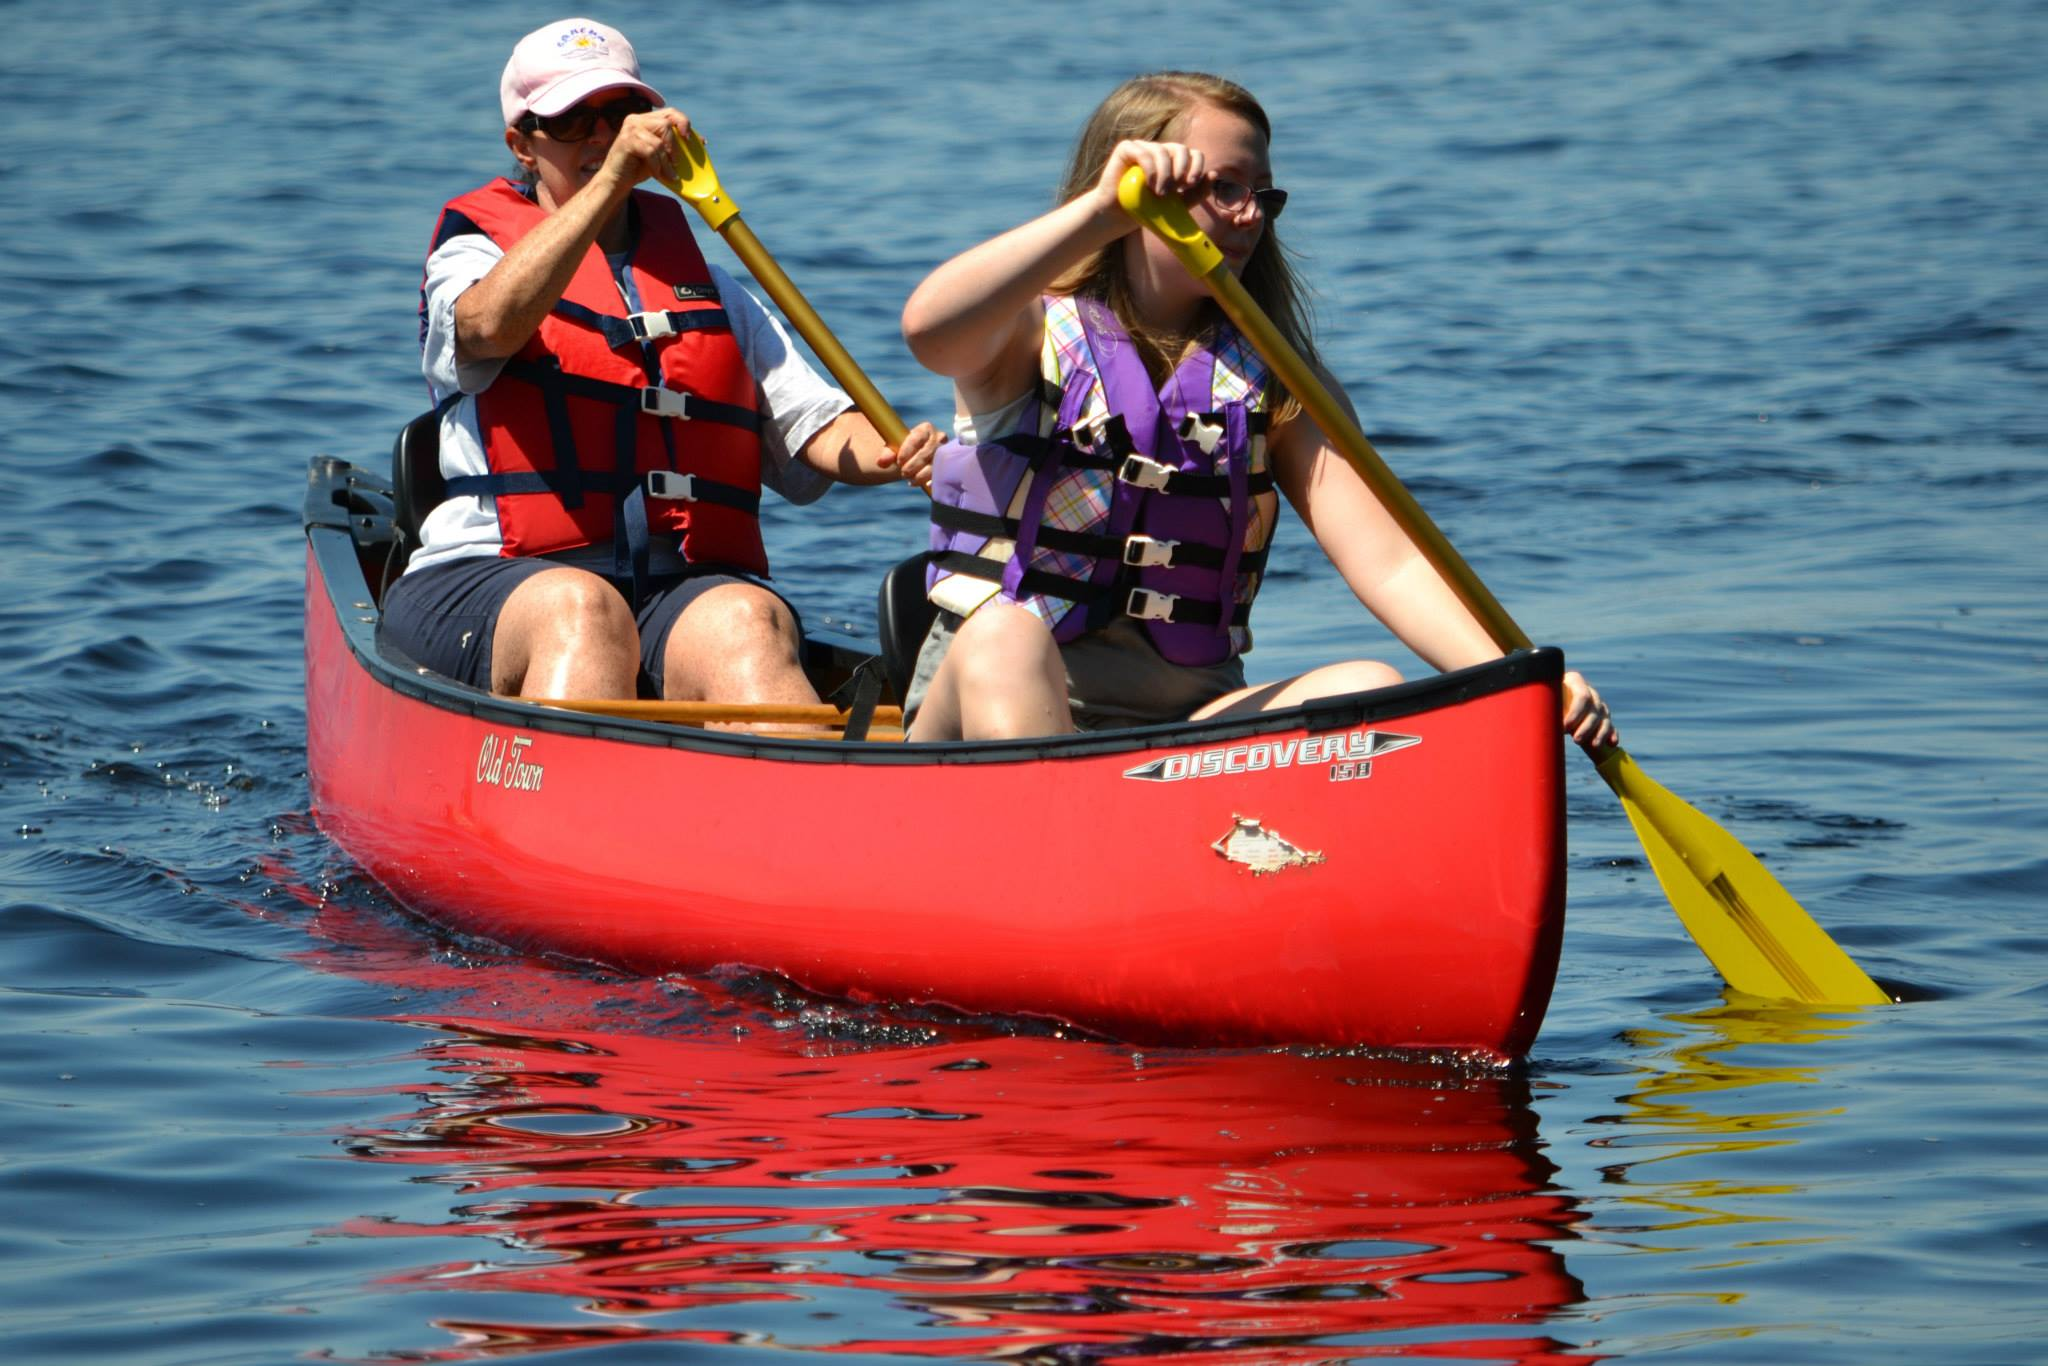 Kids in a canoe image